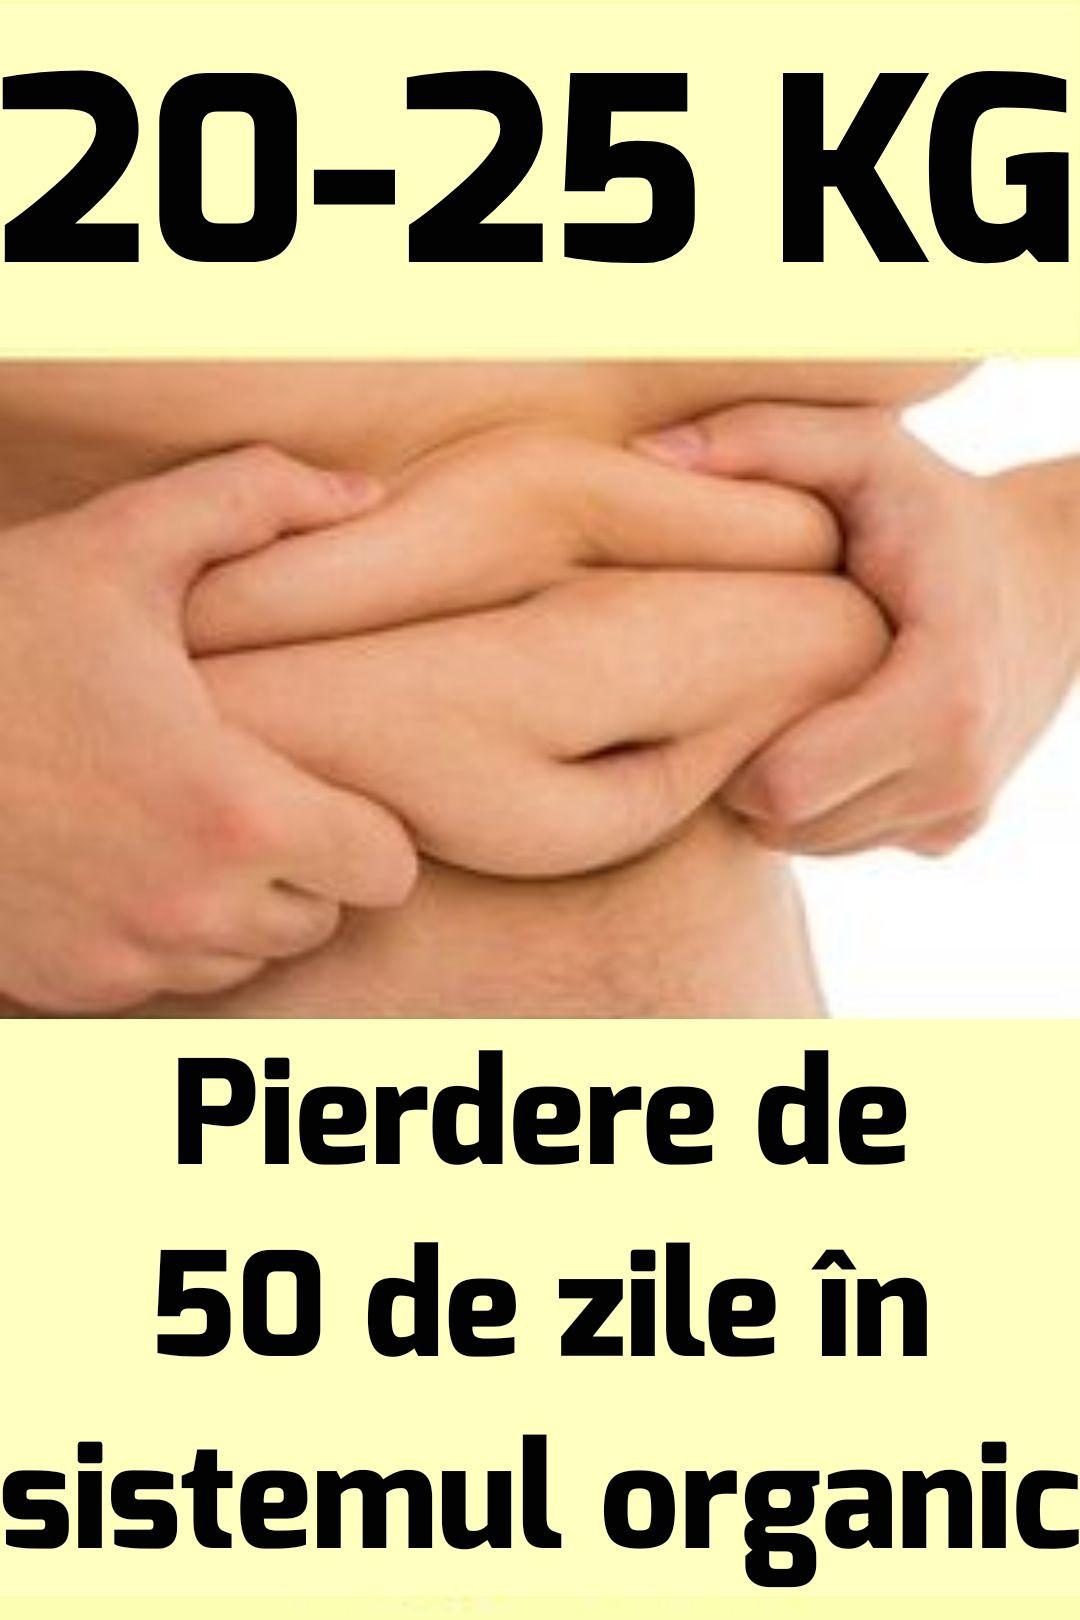 pierdere în greutate rosa